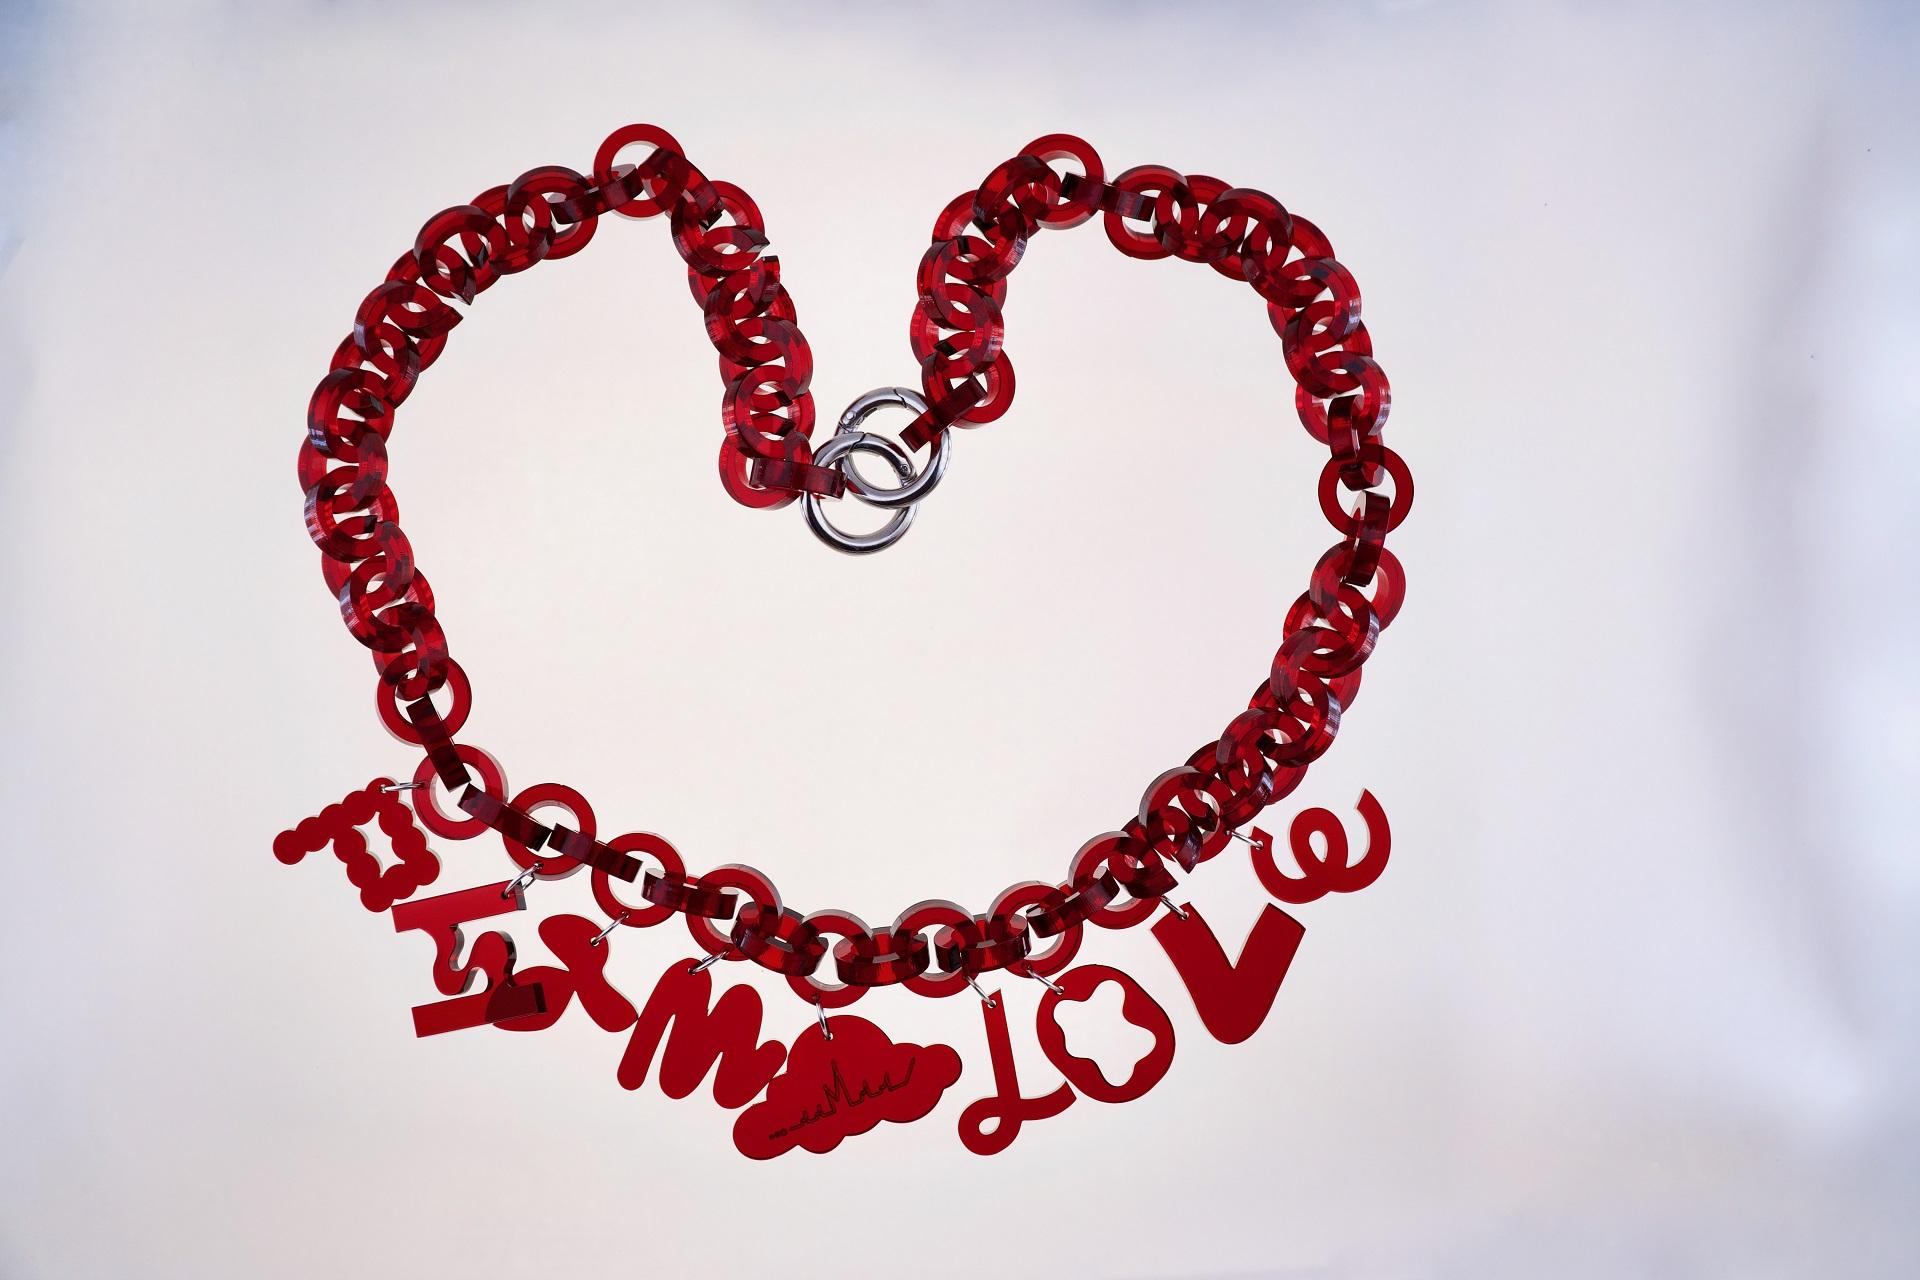 Про любовь к ритму: MONATIK и OTOG Studio представляют новую коллекцию украшений-Фото 2